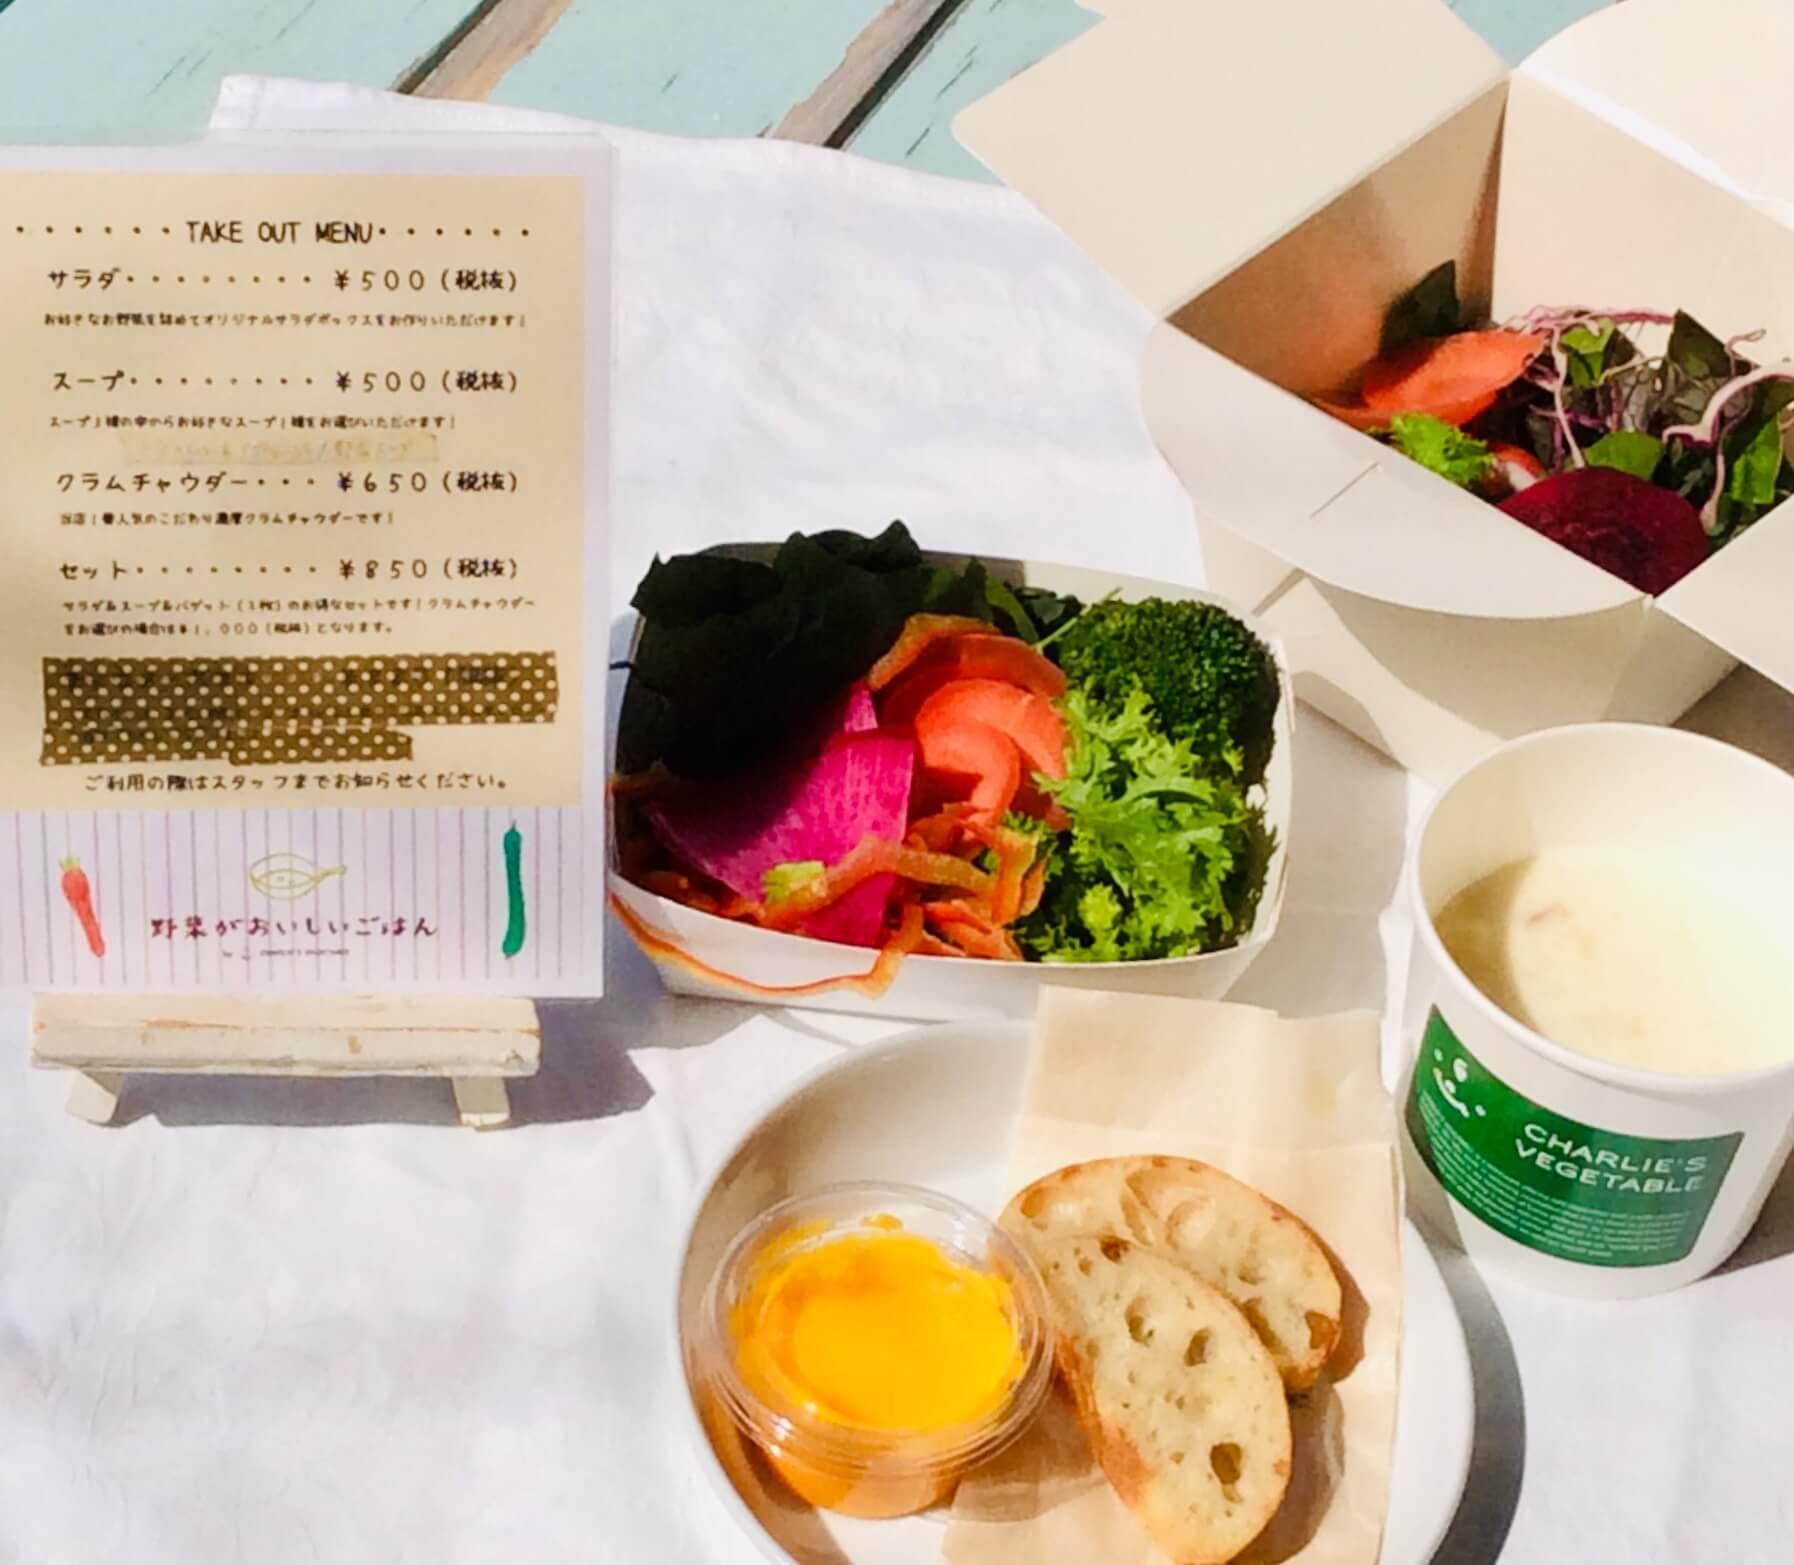 お知らせ|愛知県安城市 暮らしのお店TAKE OUT メニューの紹介